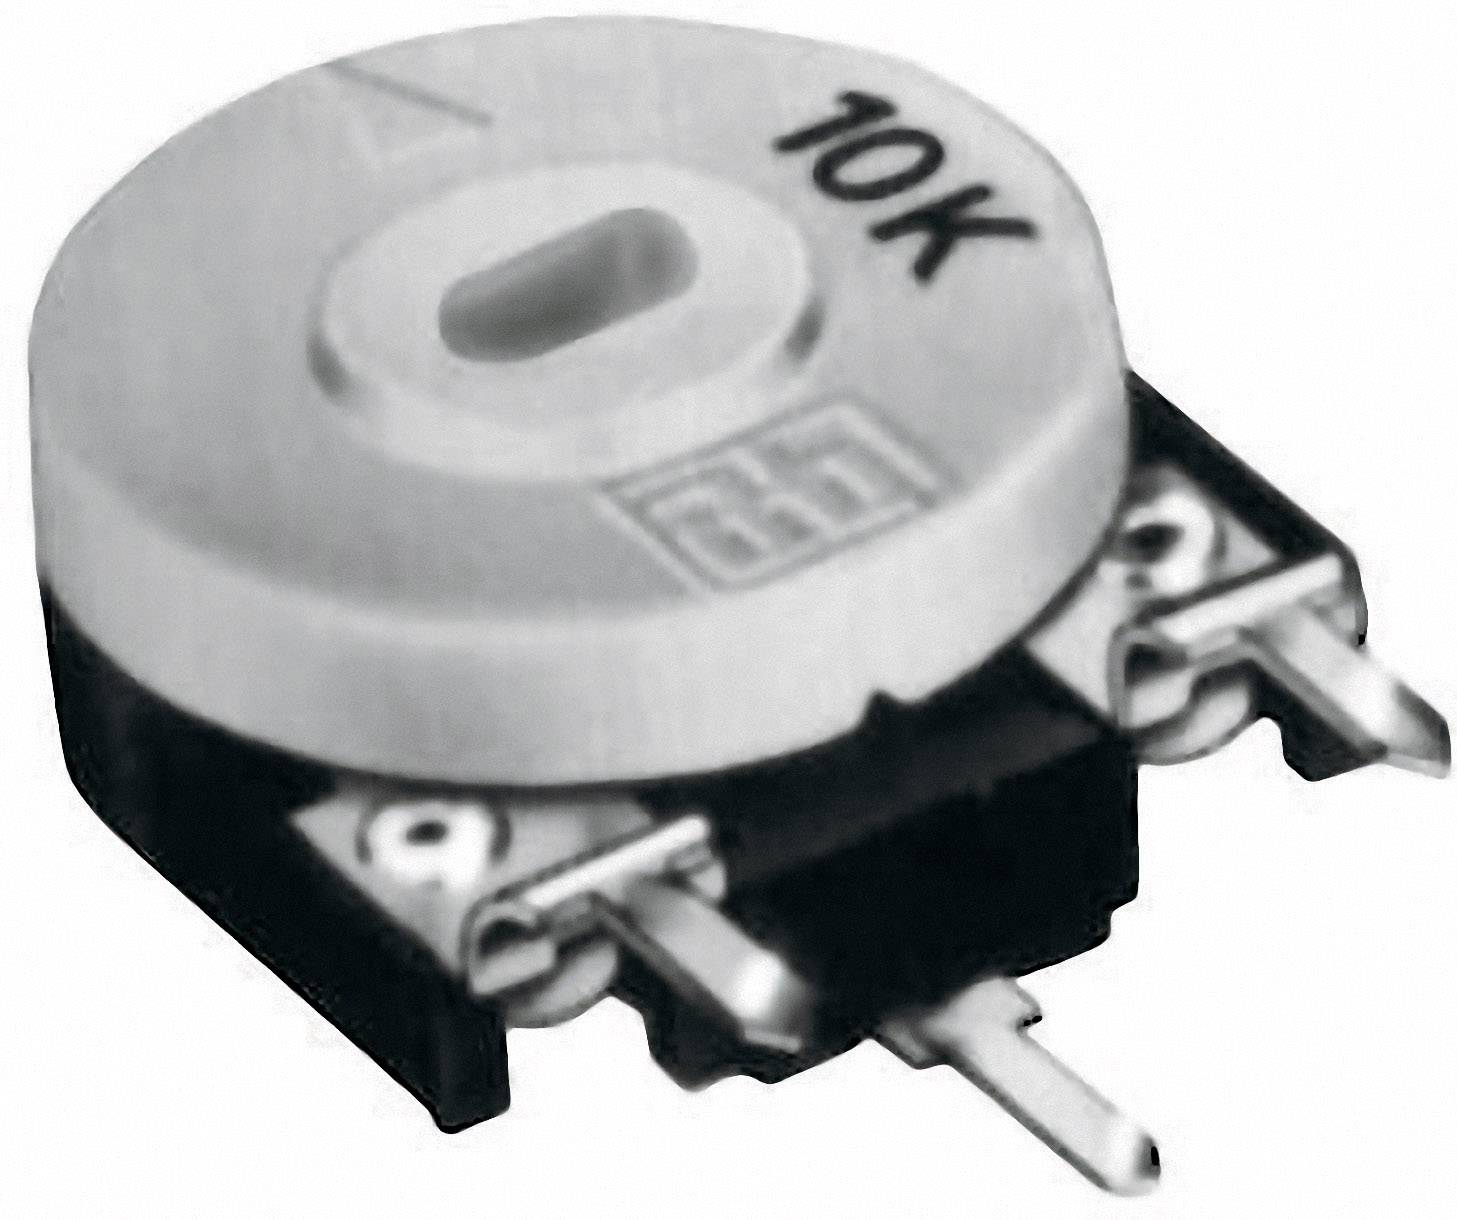 Uhlíkový trimer TT Electronics AB 21551205, lineárny, 1 kOhm, 0.15 W, 1 ks